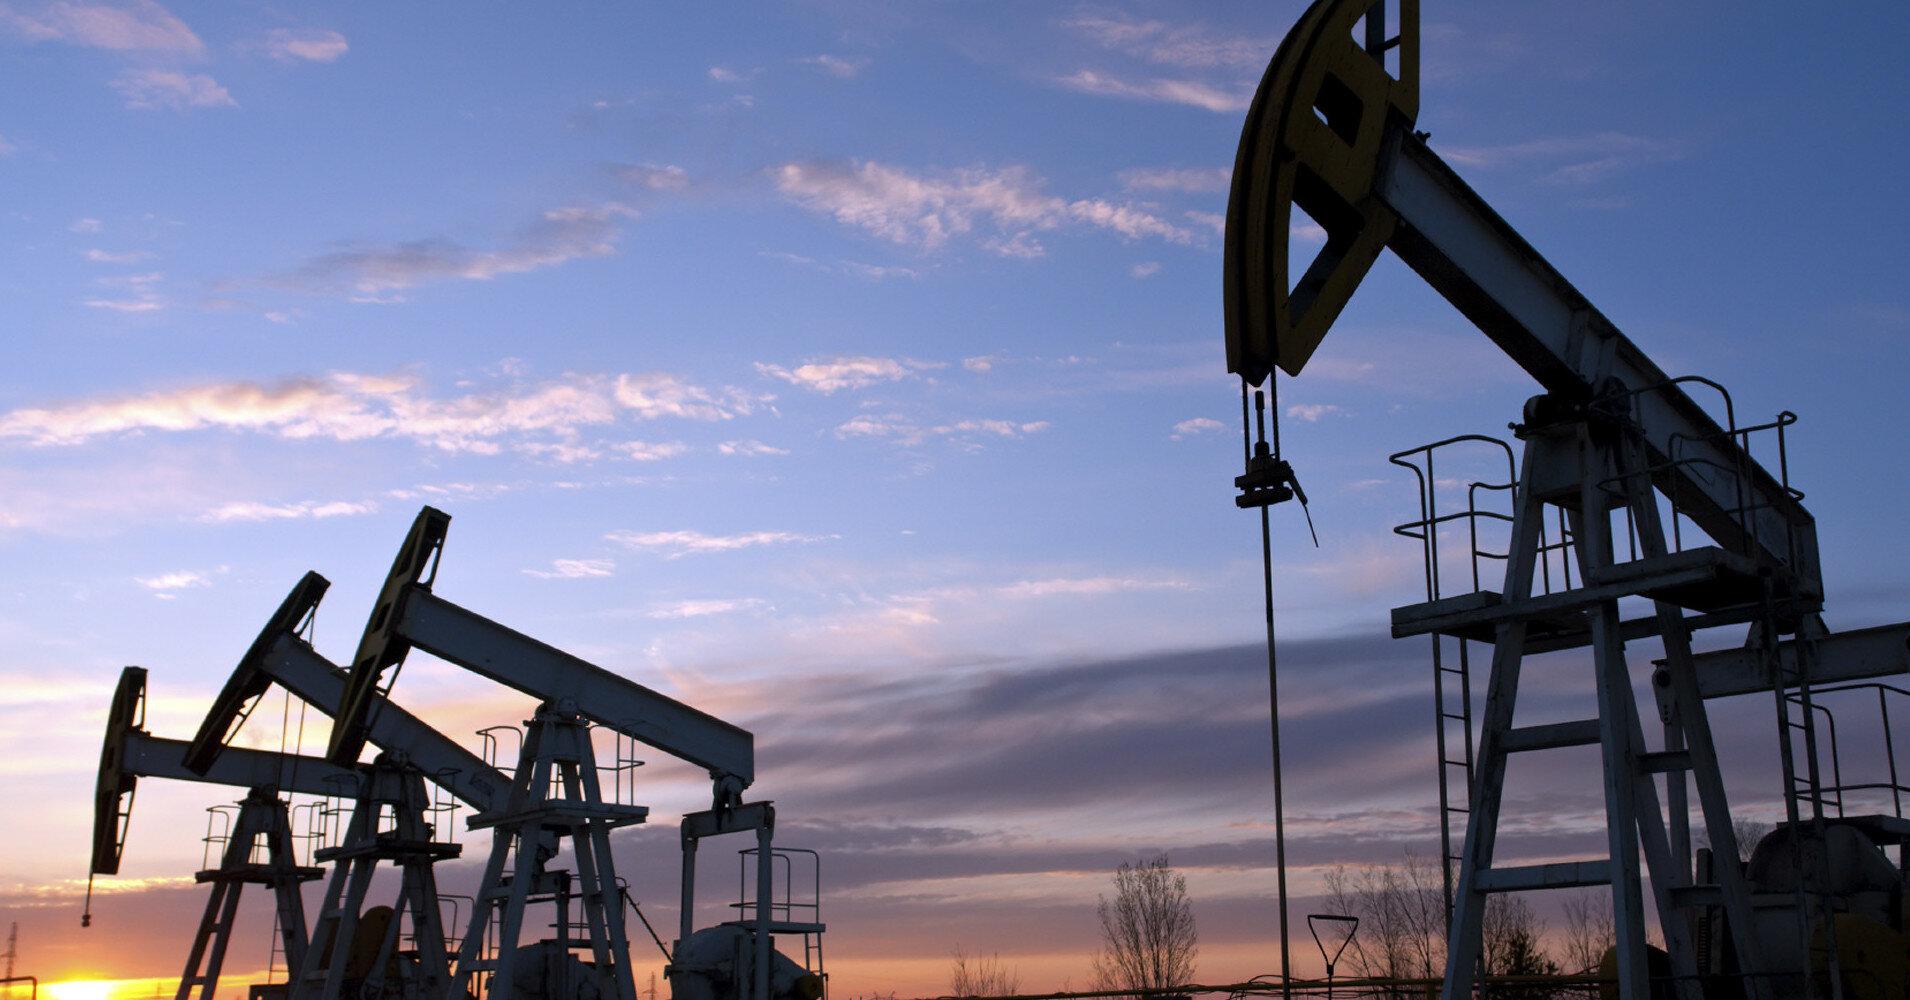 Нефтяным гигантам предрекли светлое будущее